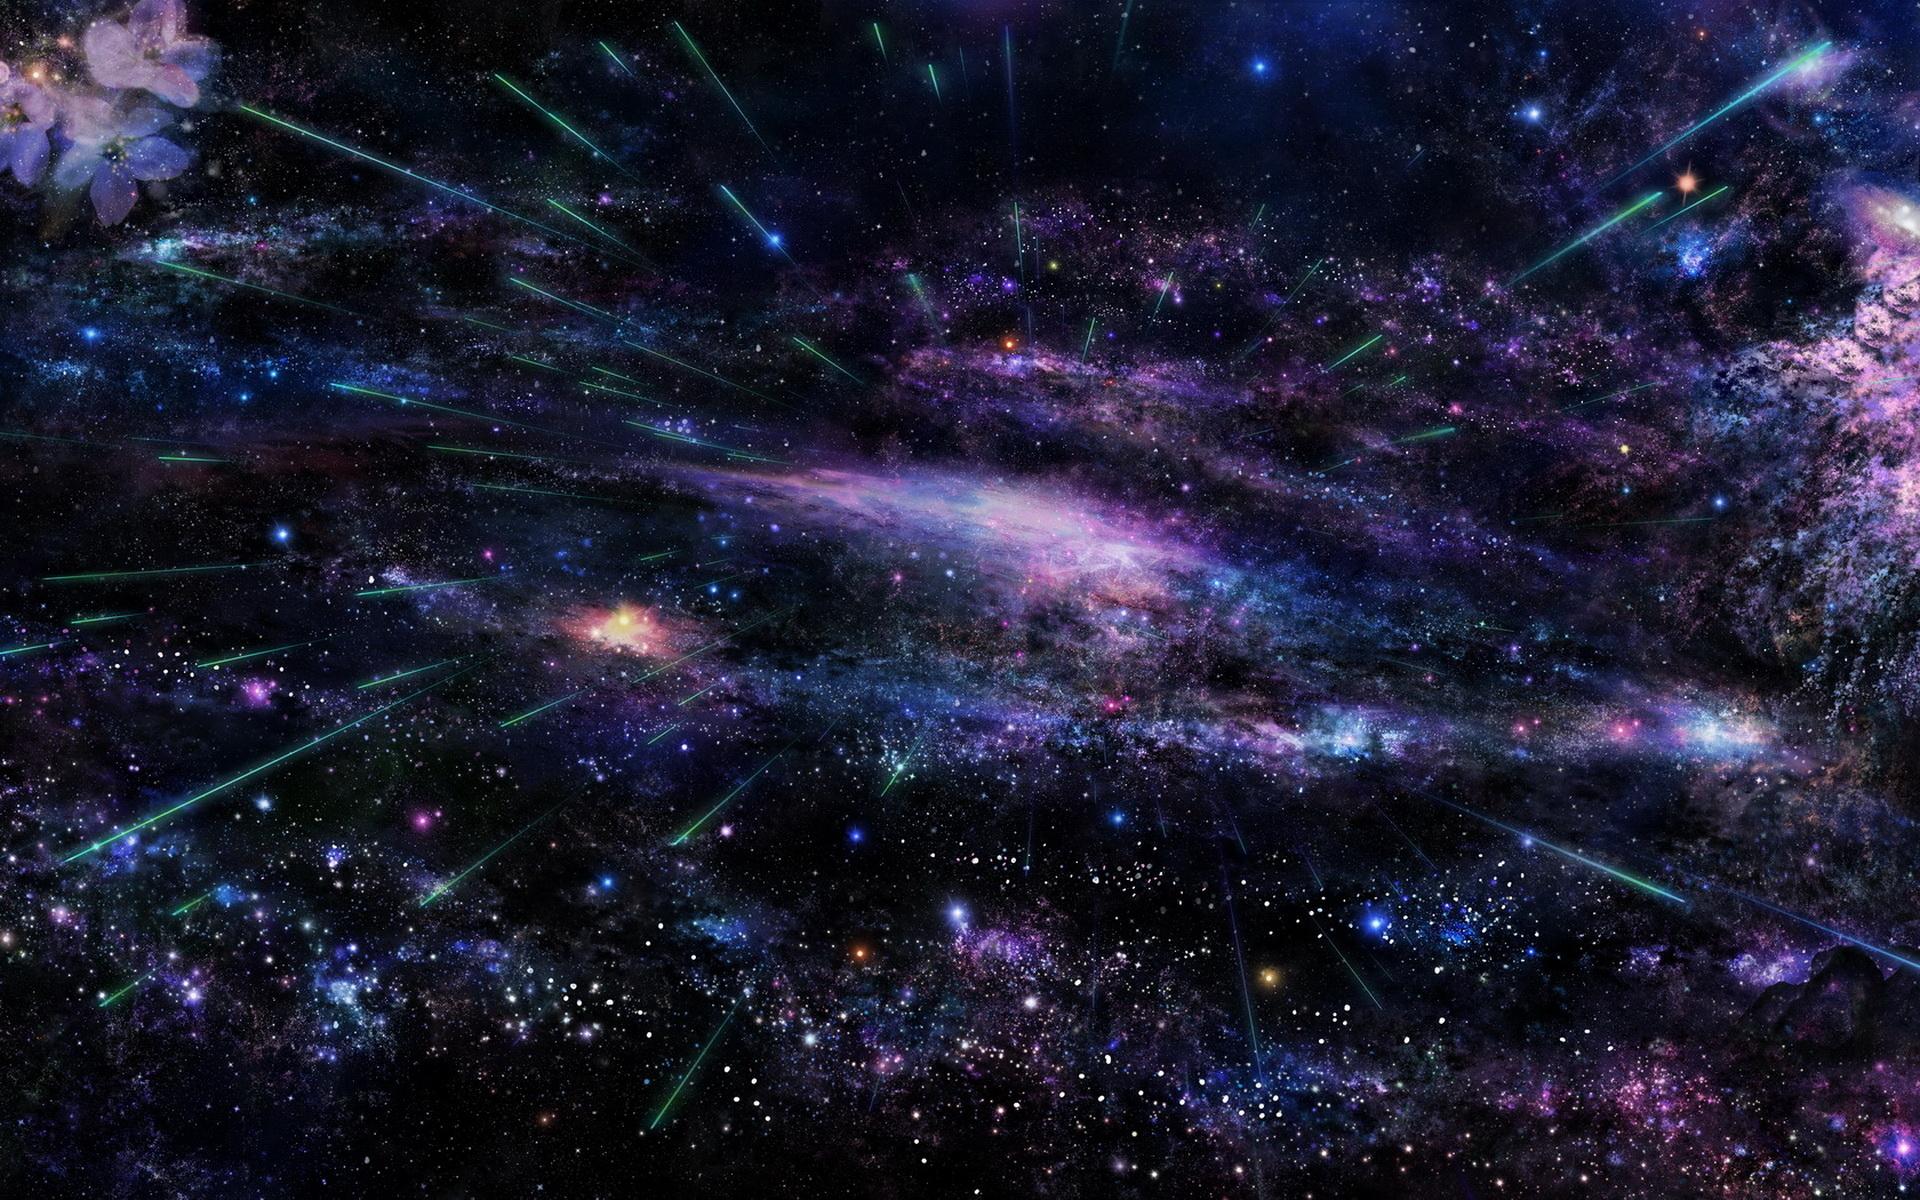 Картинки высокого качества космос, картинки смешные новогодние